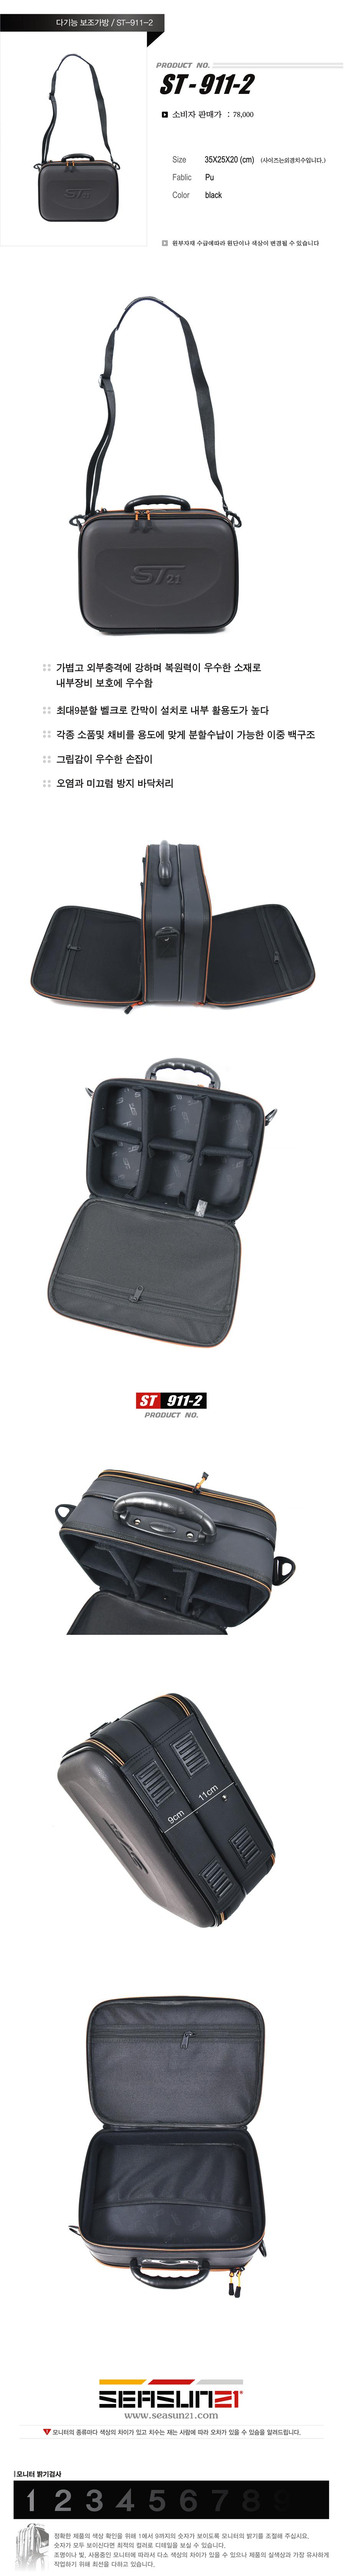 시선 다용도 릴가방 ST-911-2 보조가방 릴보조가방 가방 바다가방 릴보관 릴보관가방